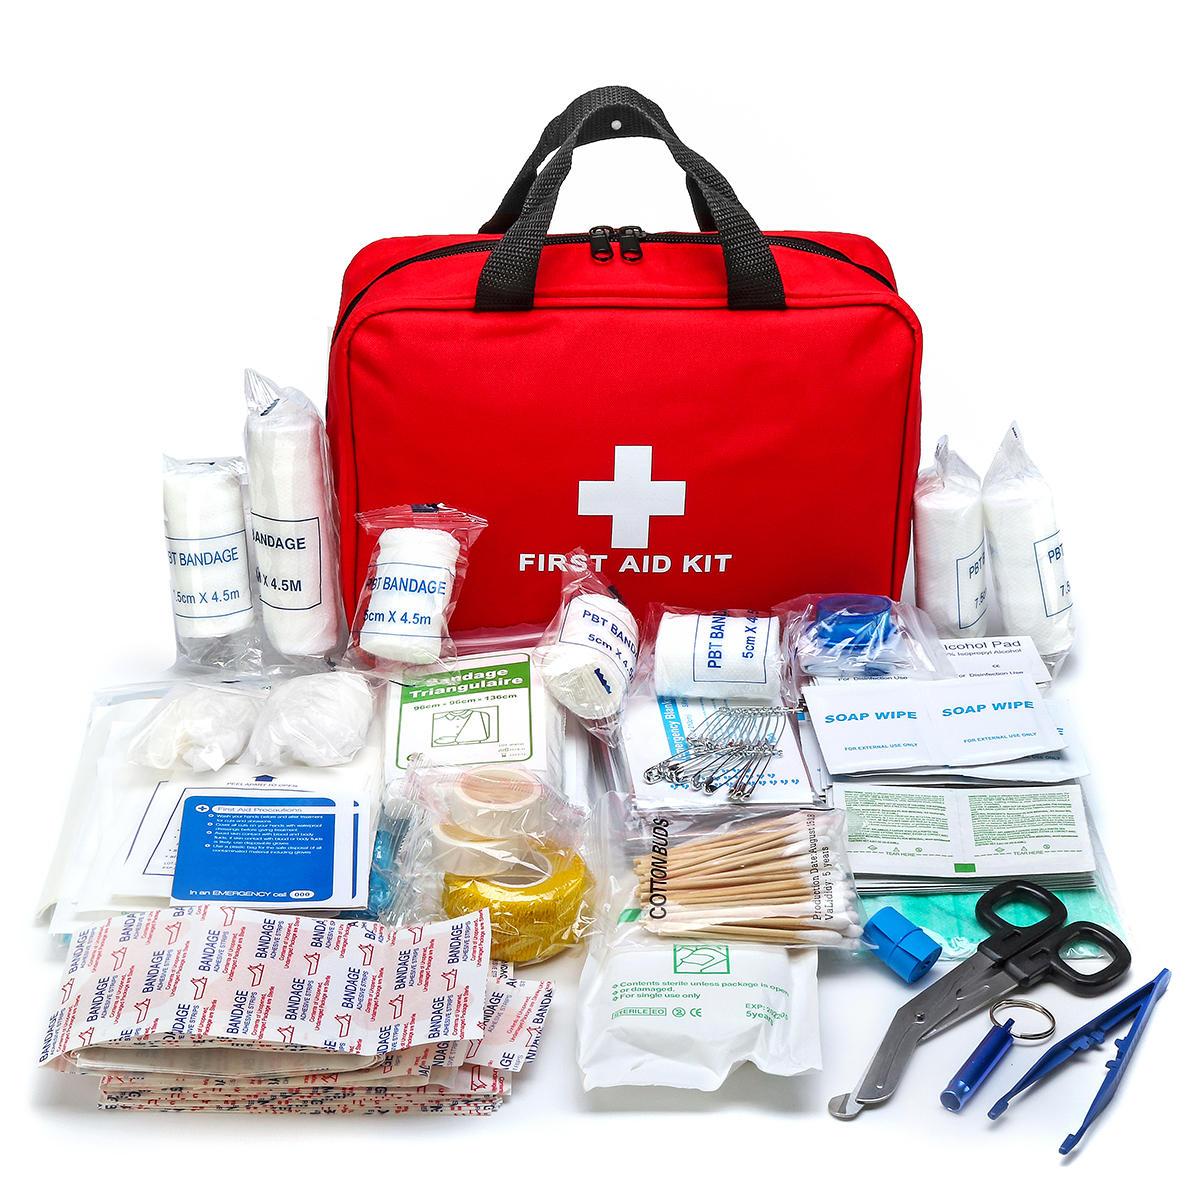 300 Pcs Notfall Überleben Kits Medizinische Versorgung Wunde Tasche Behandlung Pack Set First Aid Kit für Für Home Office Camping